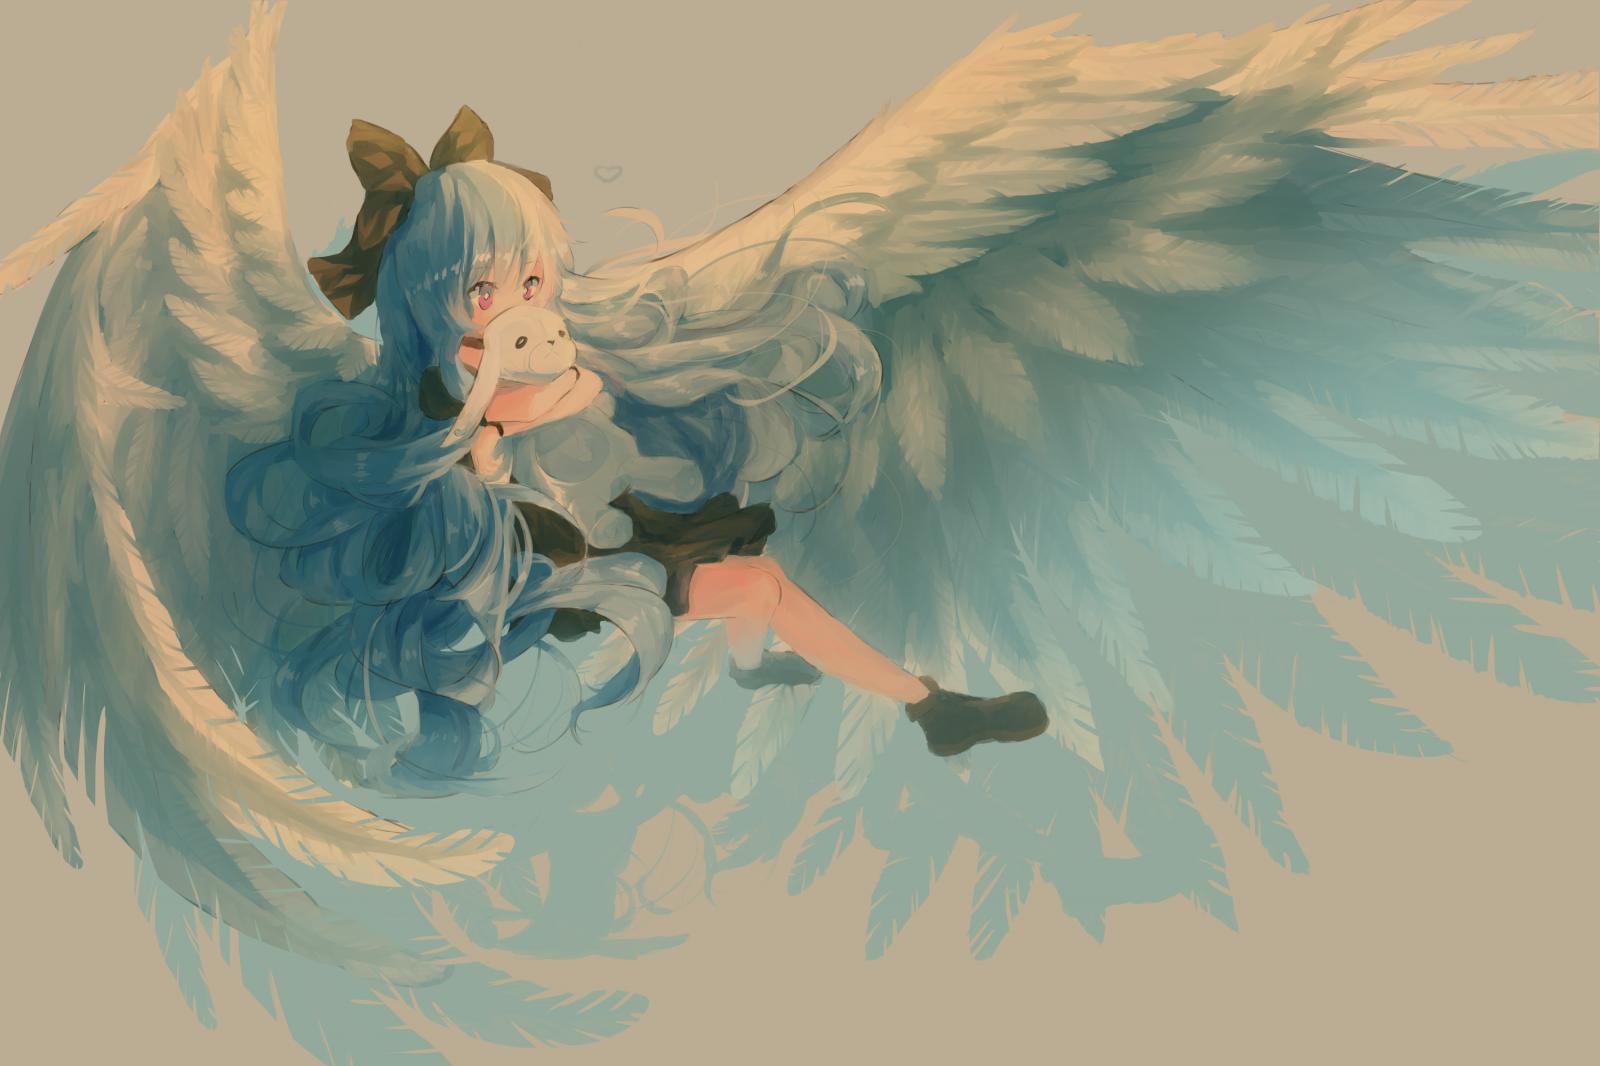 красивые рисунки ангелов с крыльями направление